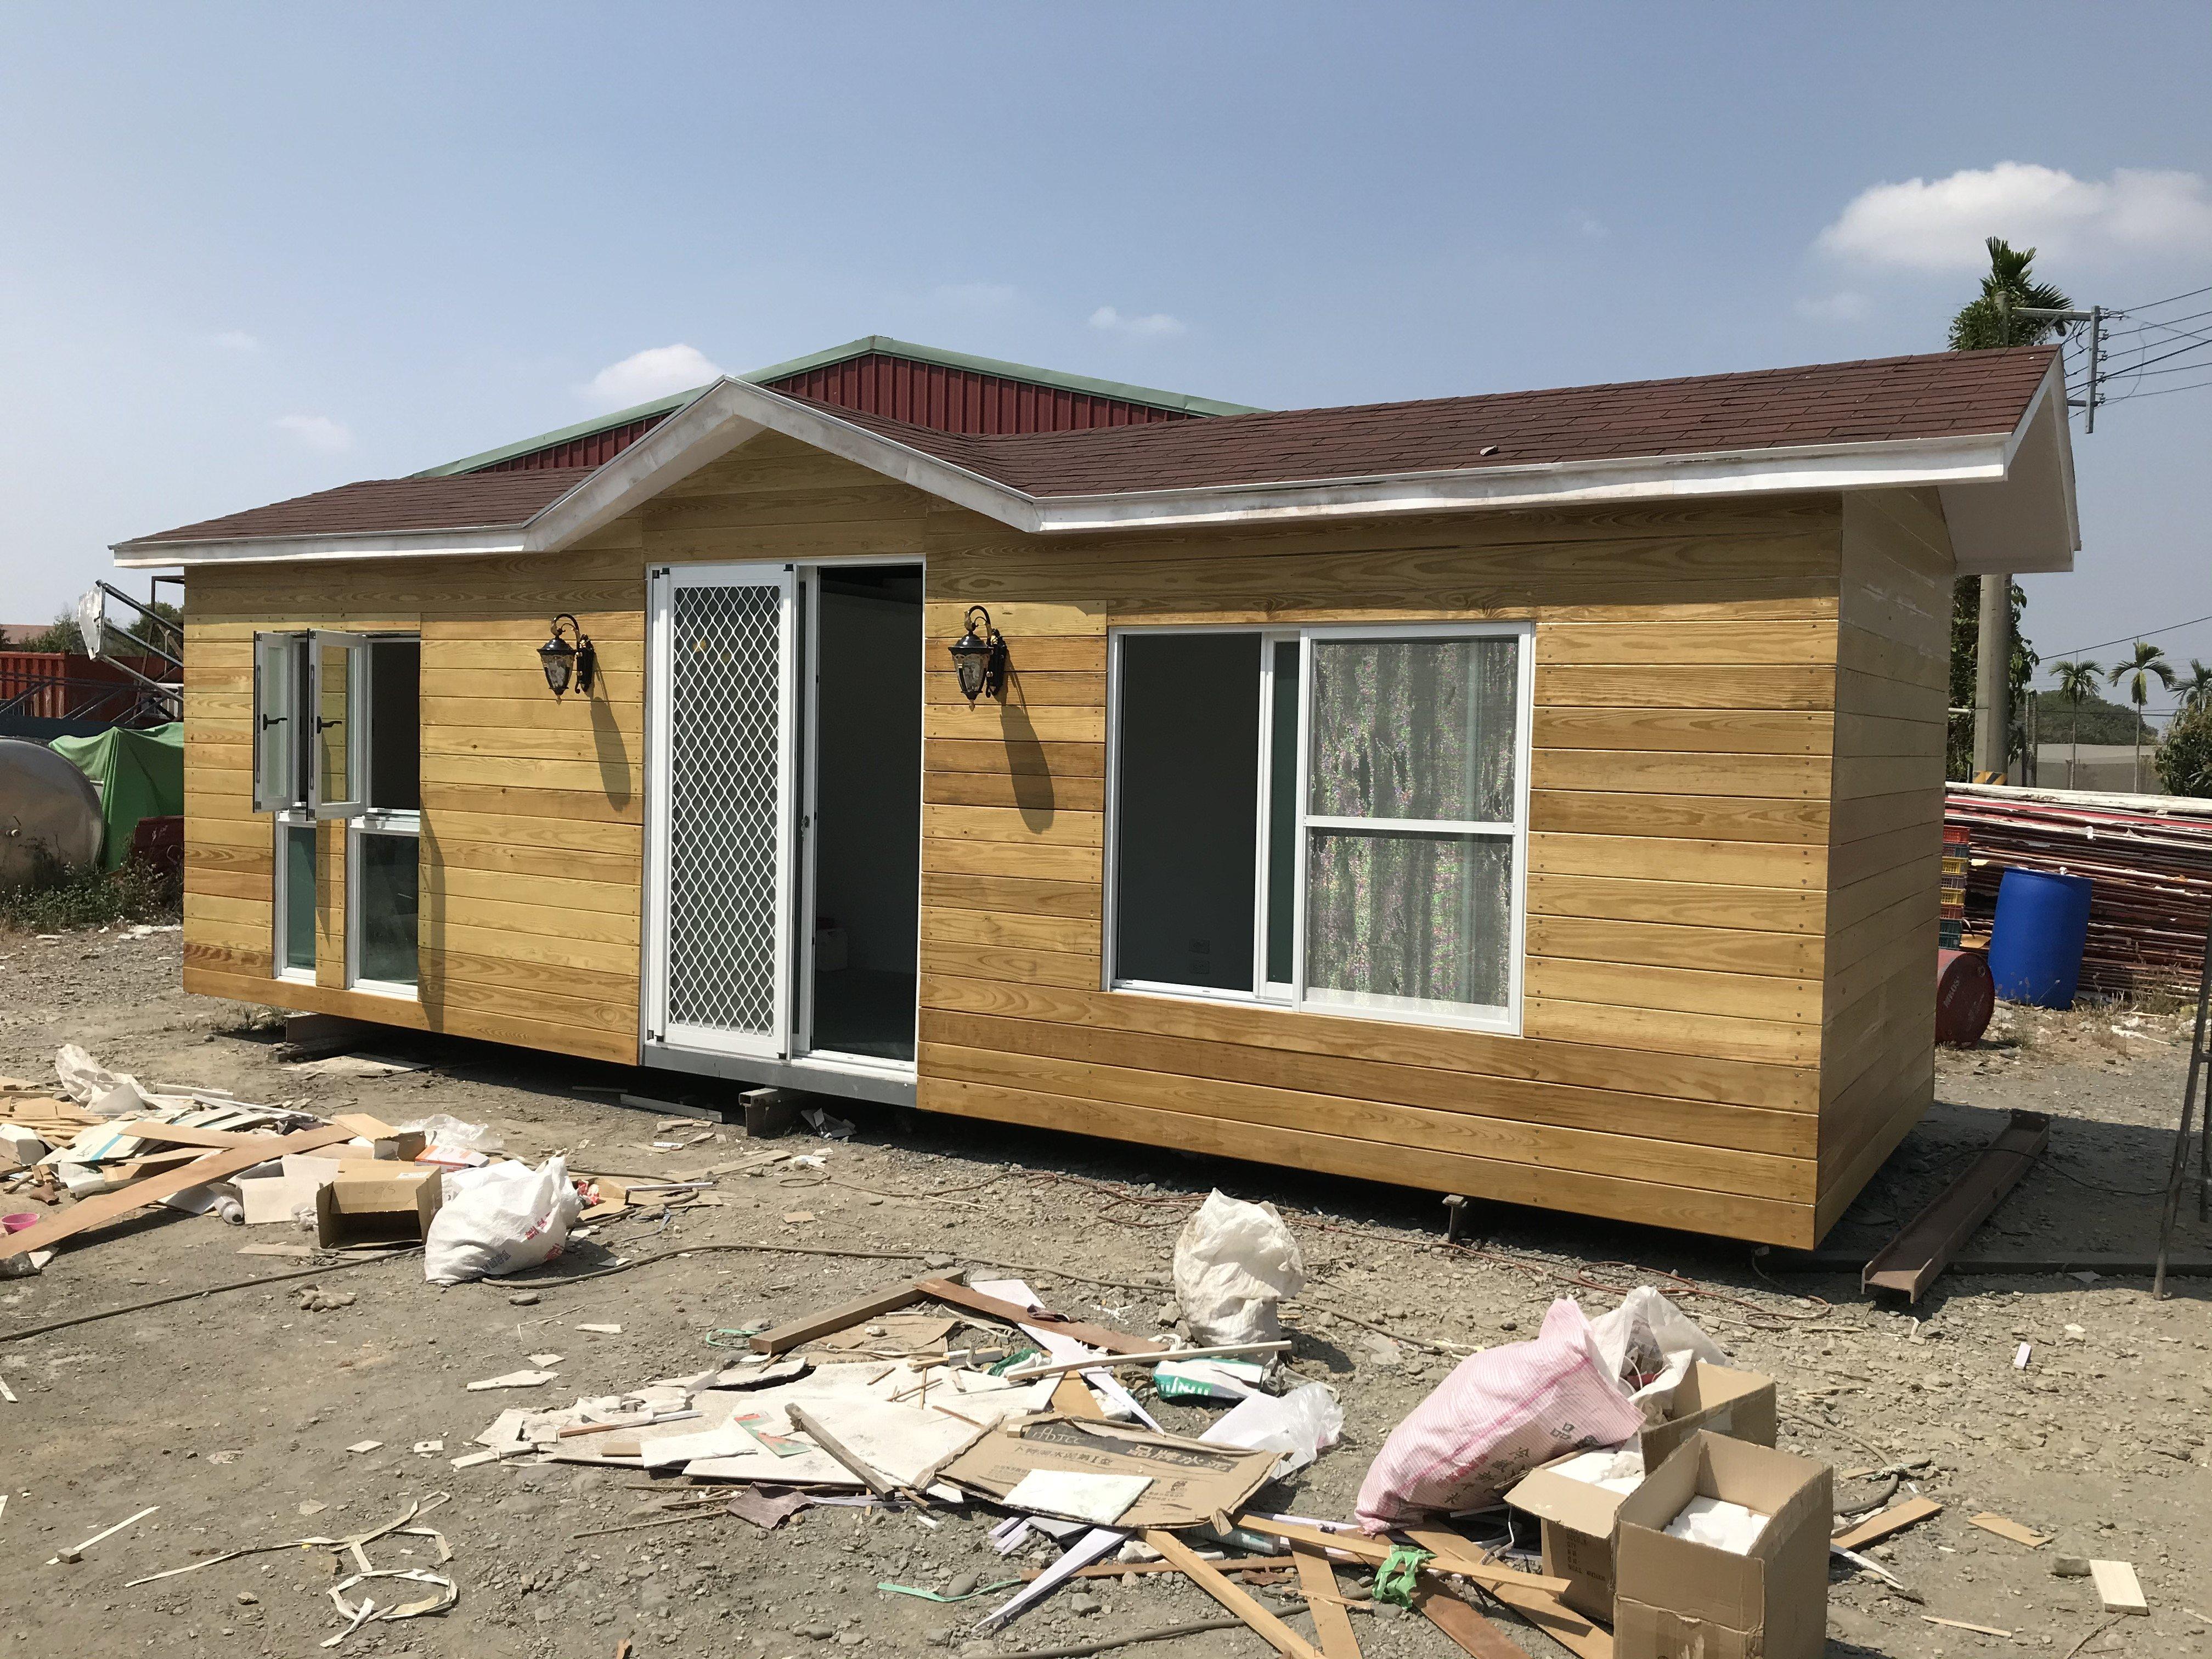 [行動城堡]非貨櫃屋-全新完工 移動鋼構小木屋 休閒屋 渡假屋 環保屋 組合屋 綠建築 農舍 個人工作室 民宿套房 儲藏